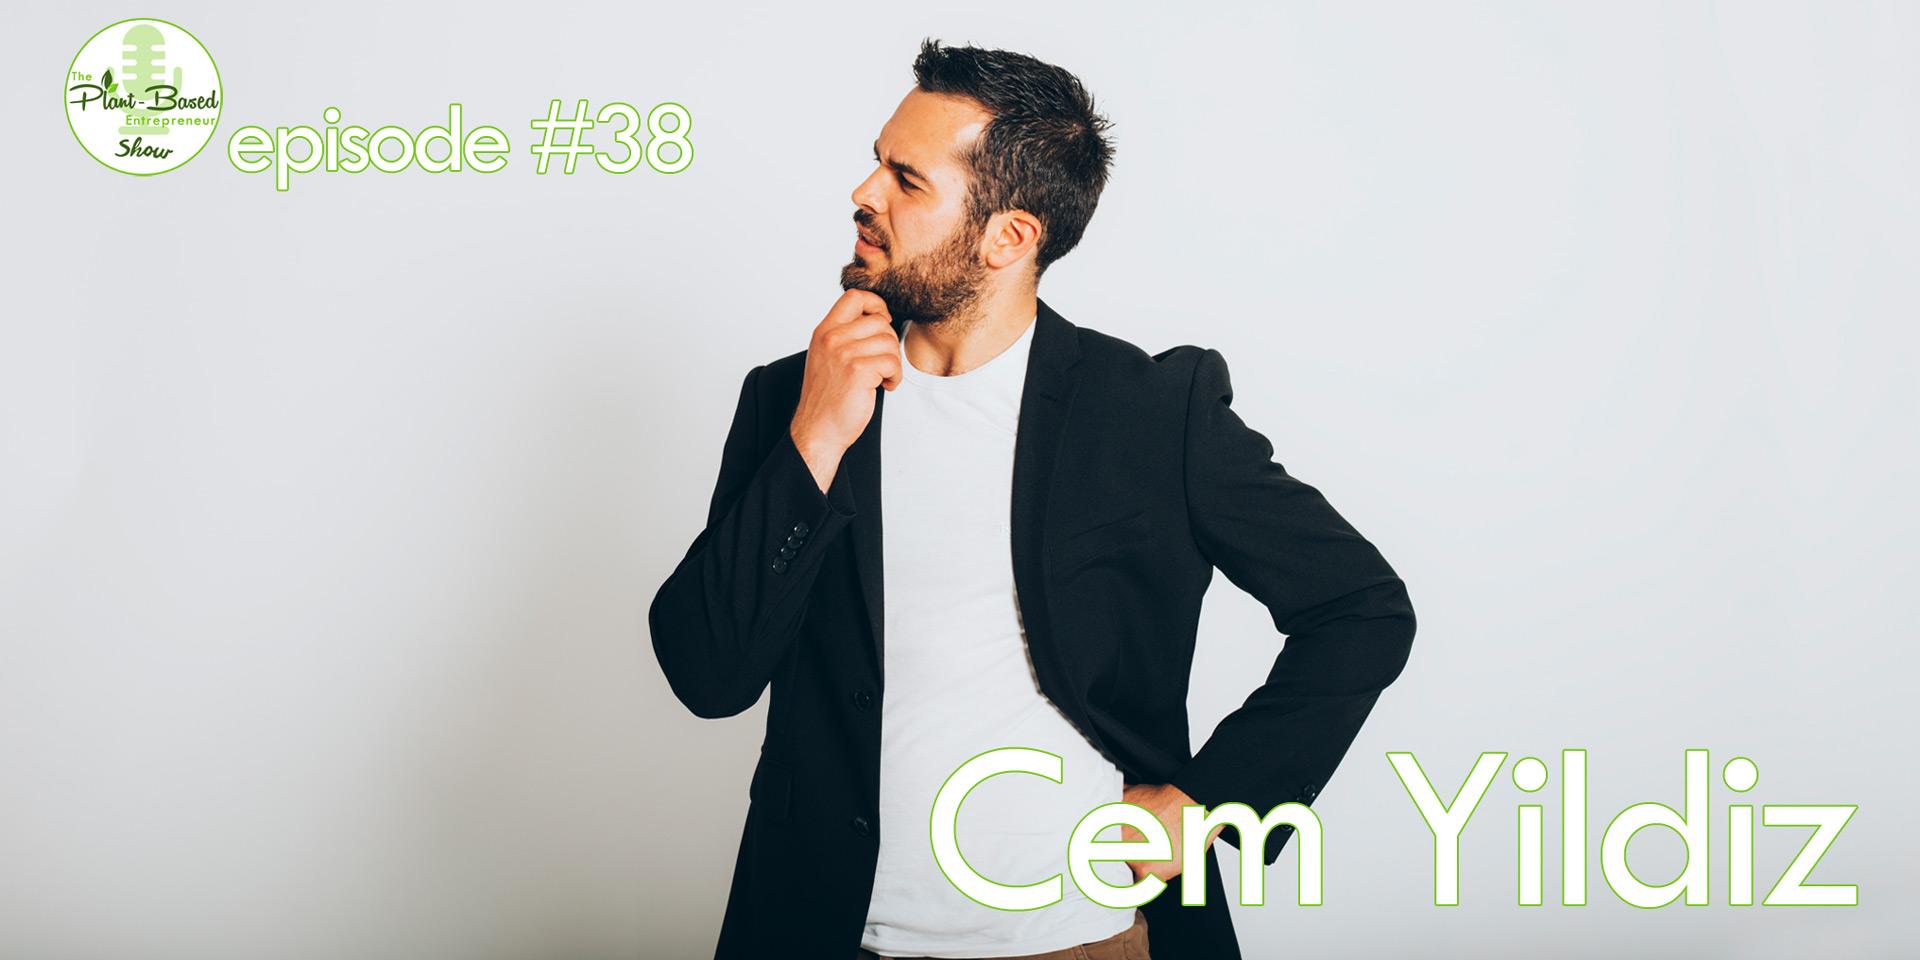 Episode #39 - Cem Yildiz